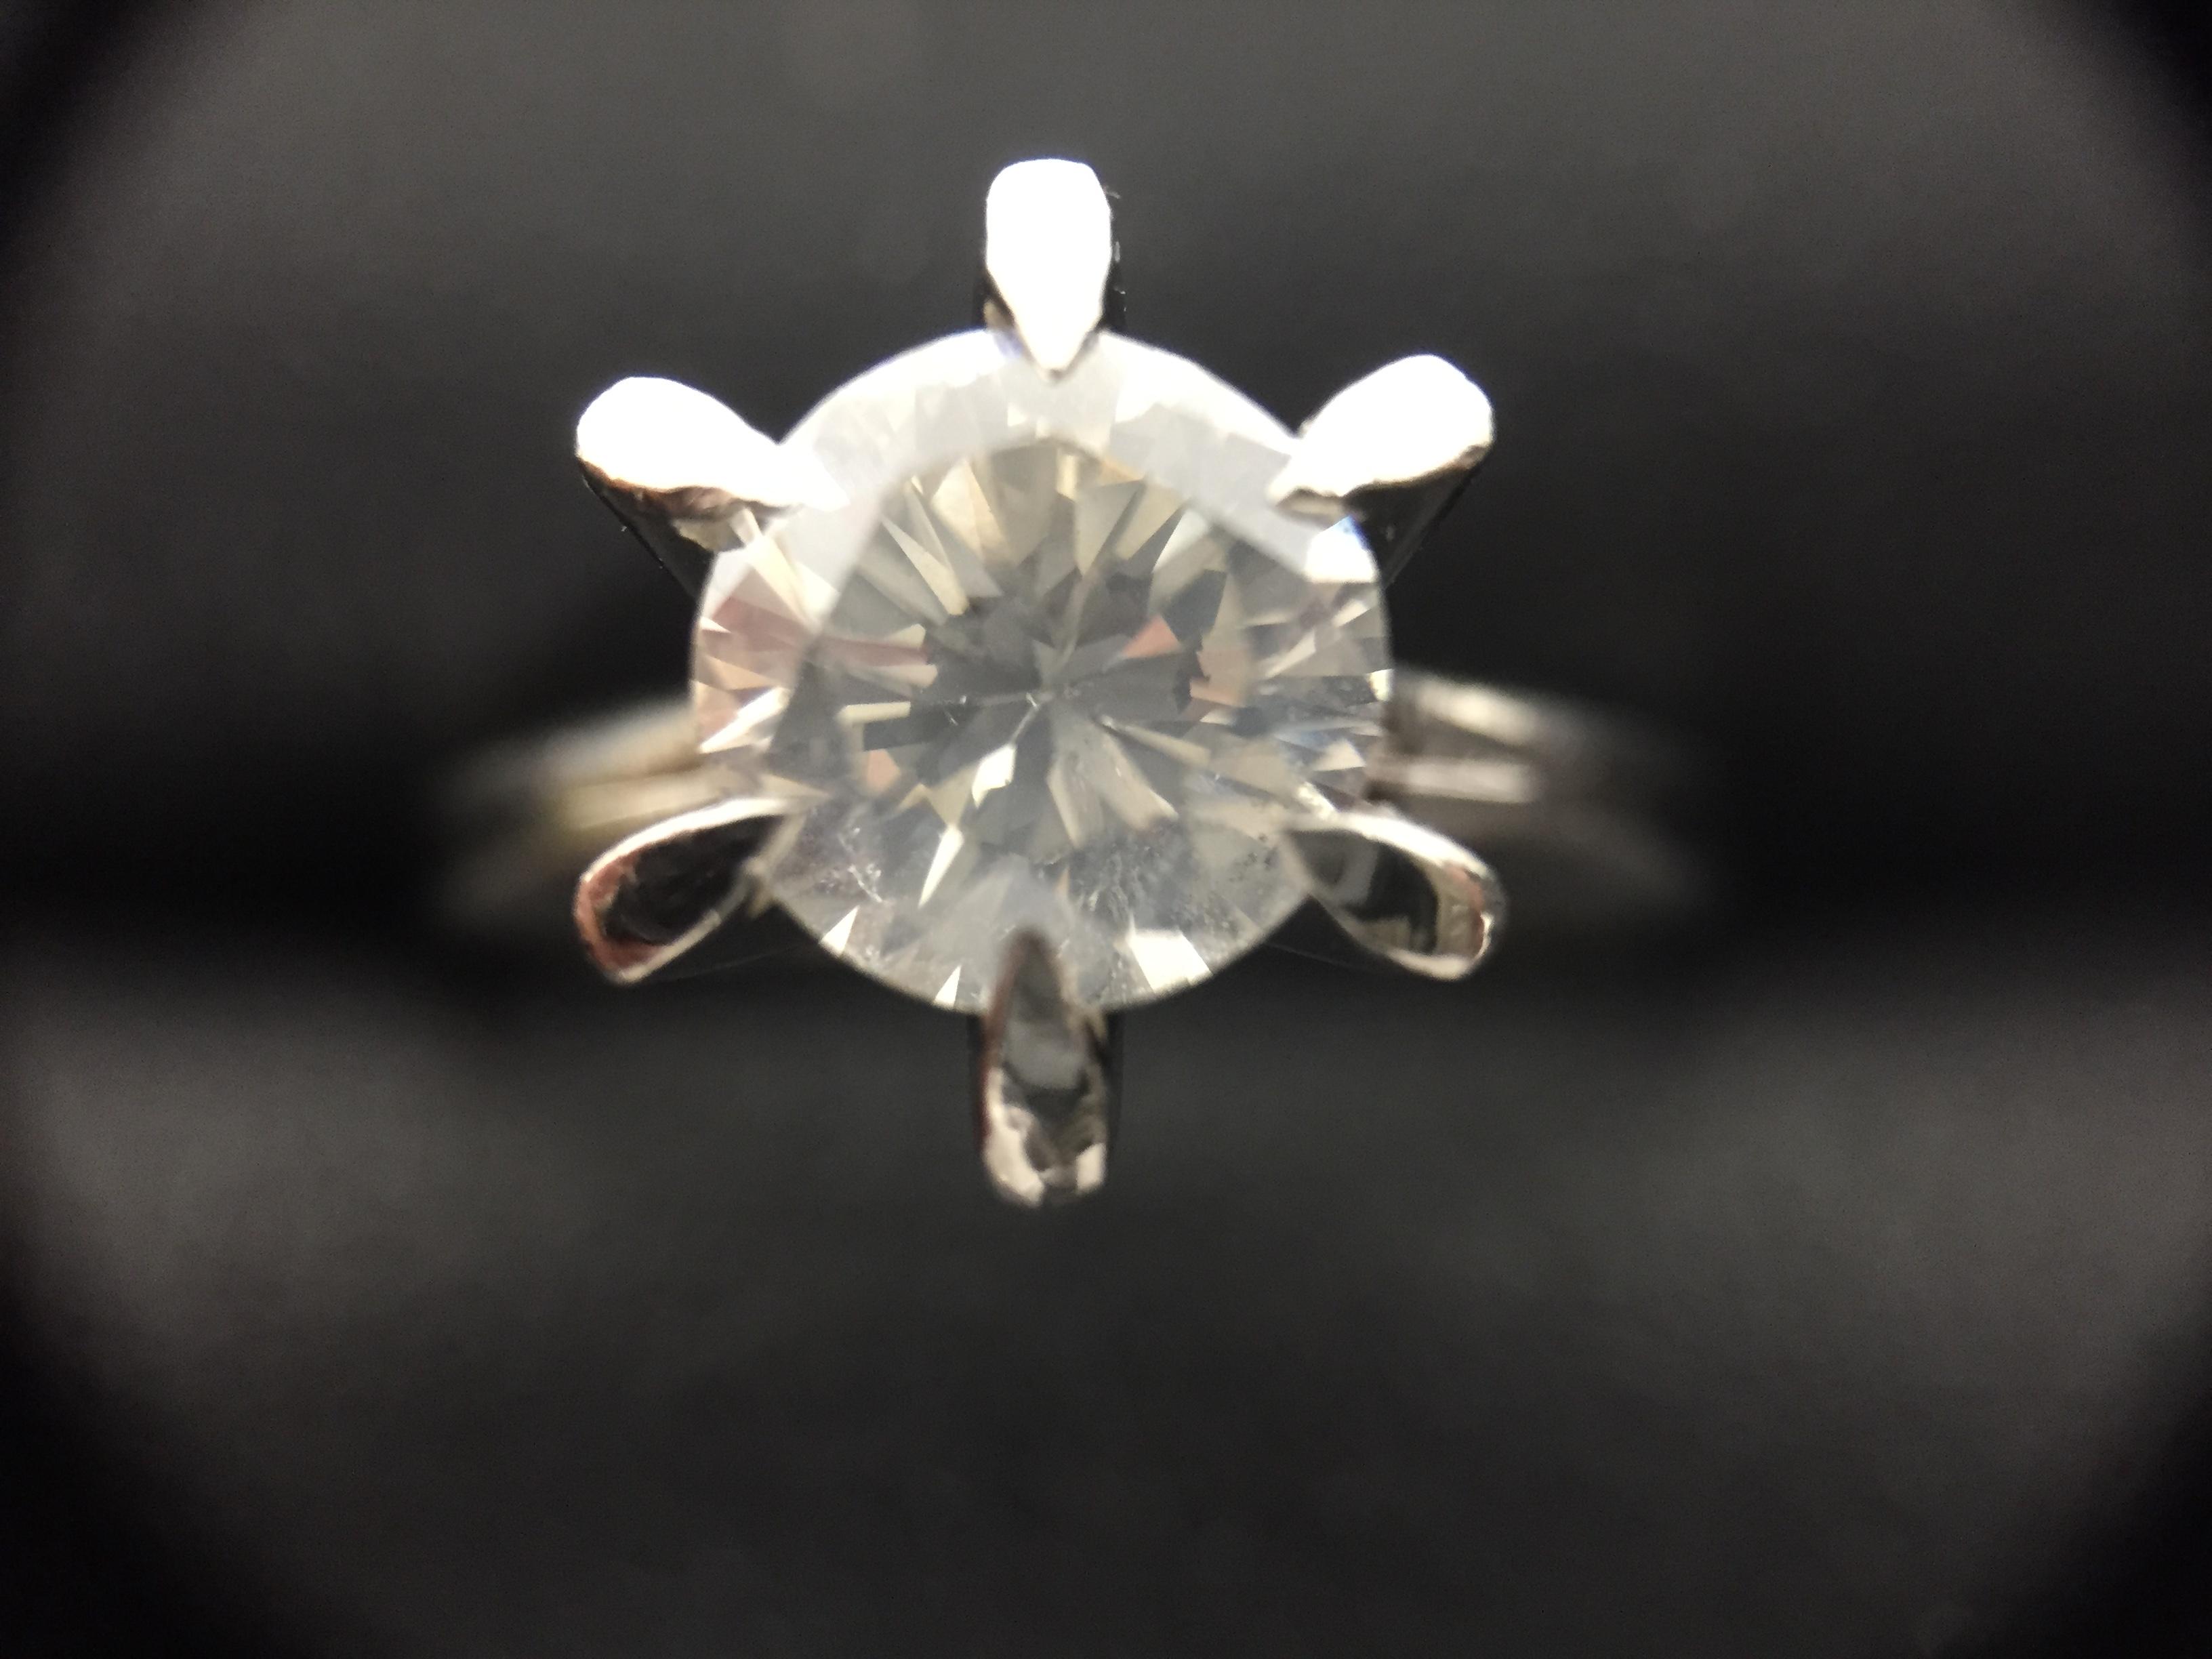 買取専門店大吉 イオン気仙沼店ではダイヤモンドもお買い取りしております!